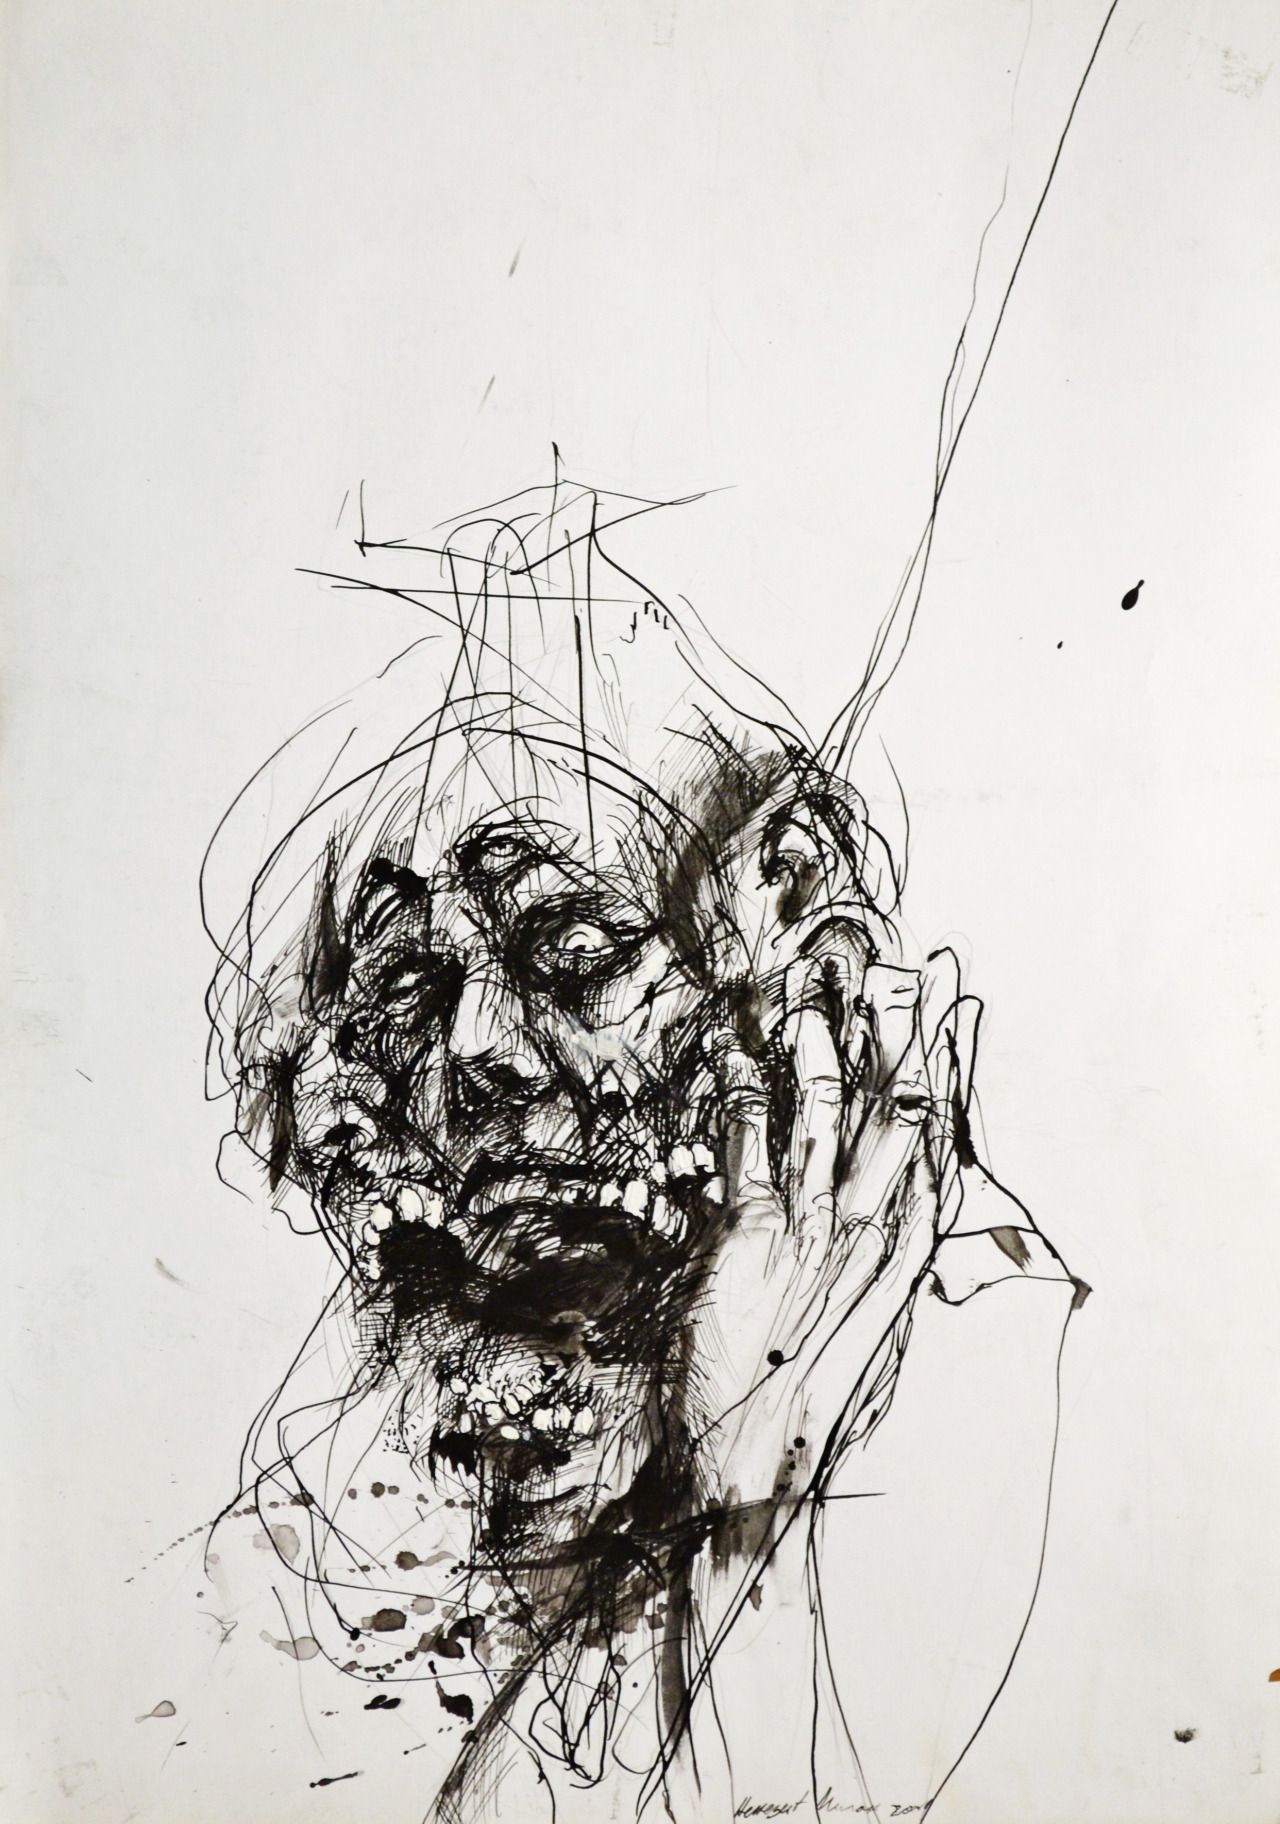 Milan Nenezic | Dark art drawings, Art drawings, Art ...